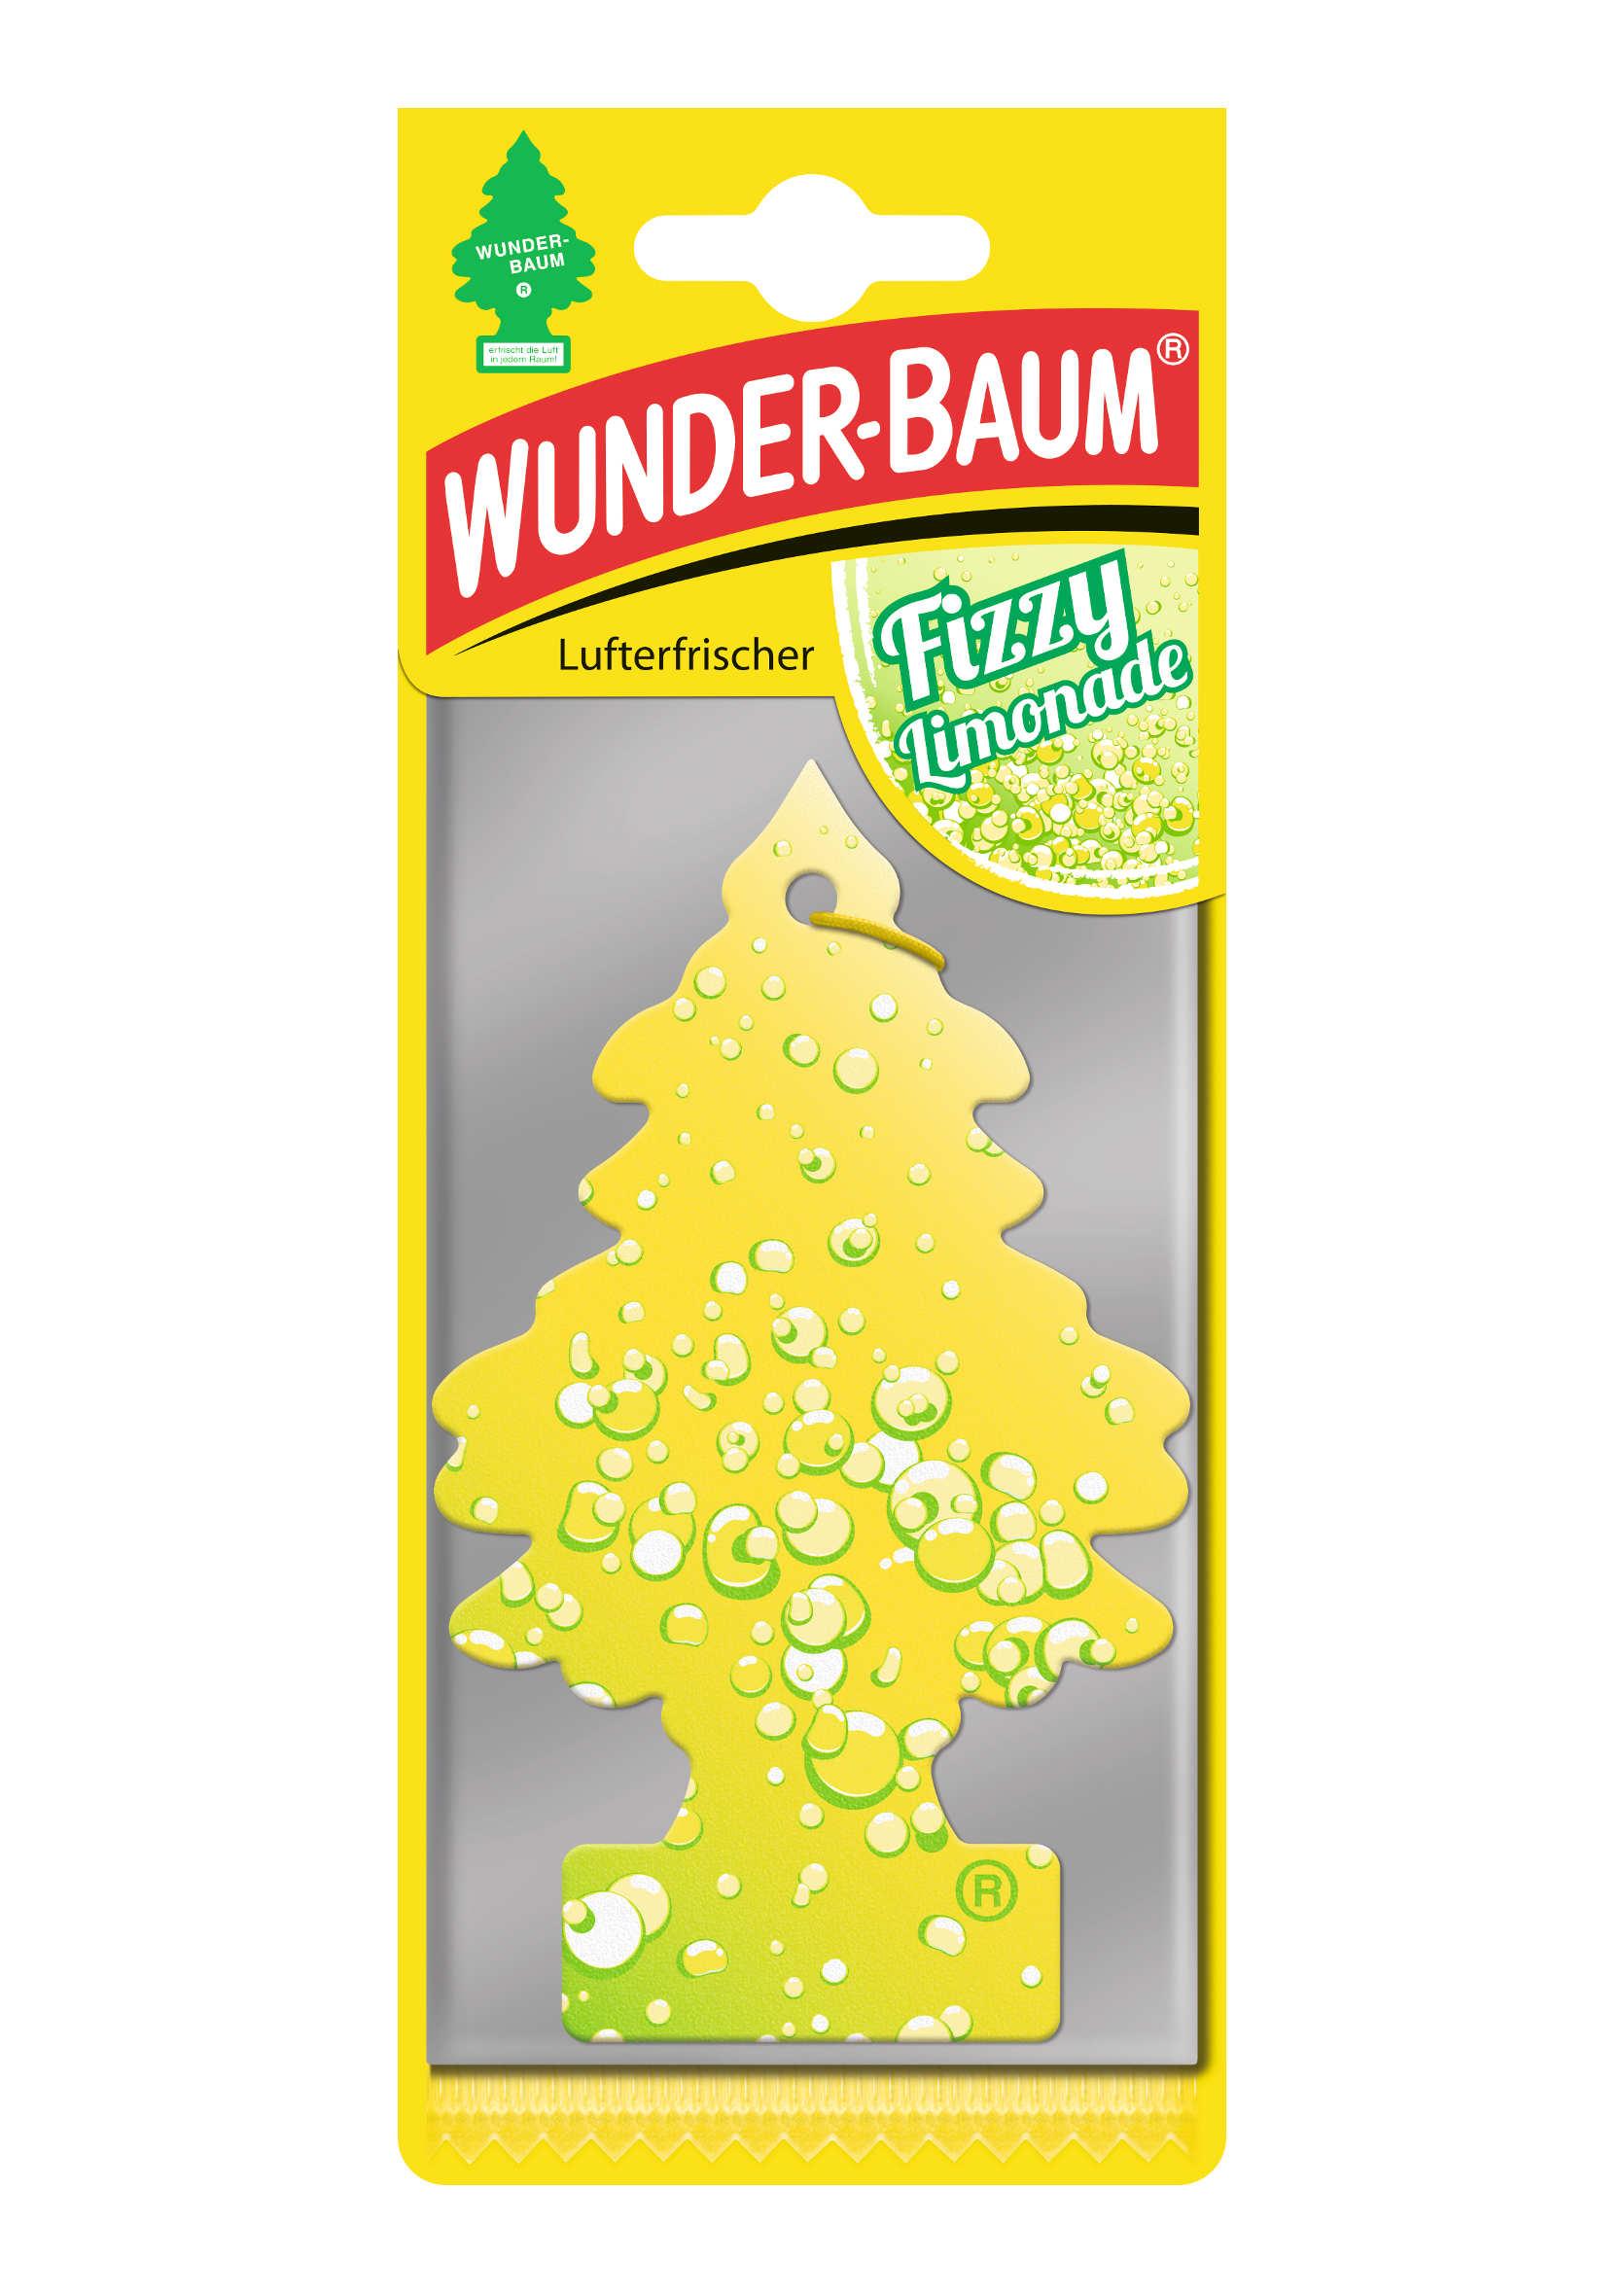 Wunder Baum Choinka Zapachowa Fizzy Limonade